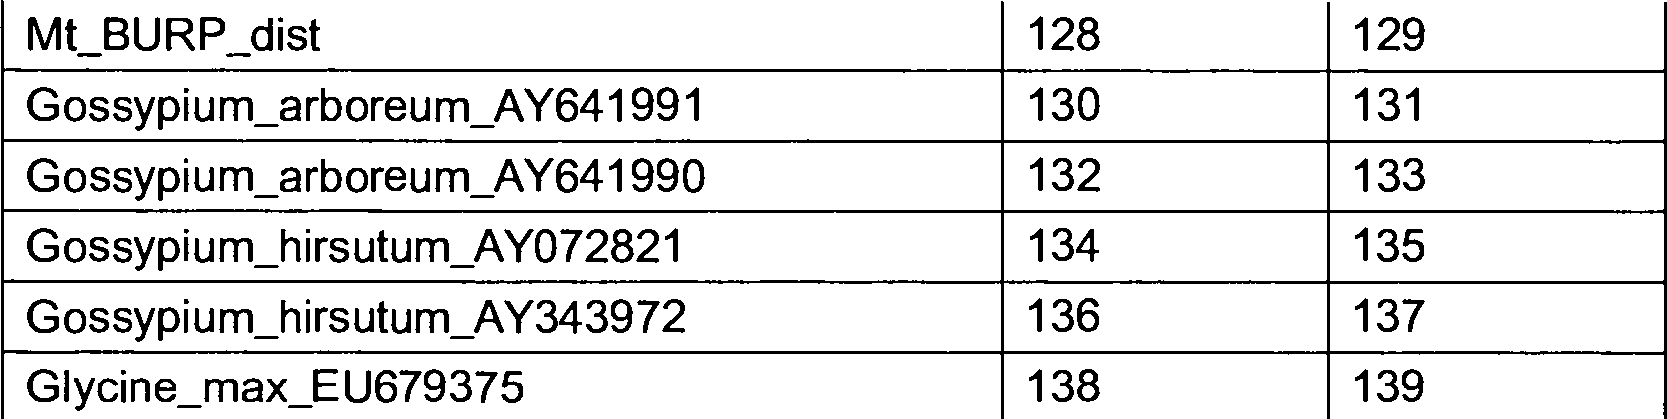 Großzügig Sequenzierung Von Ereignissen Einer Tabelle Für Klasse 1 ...